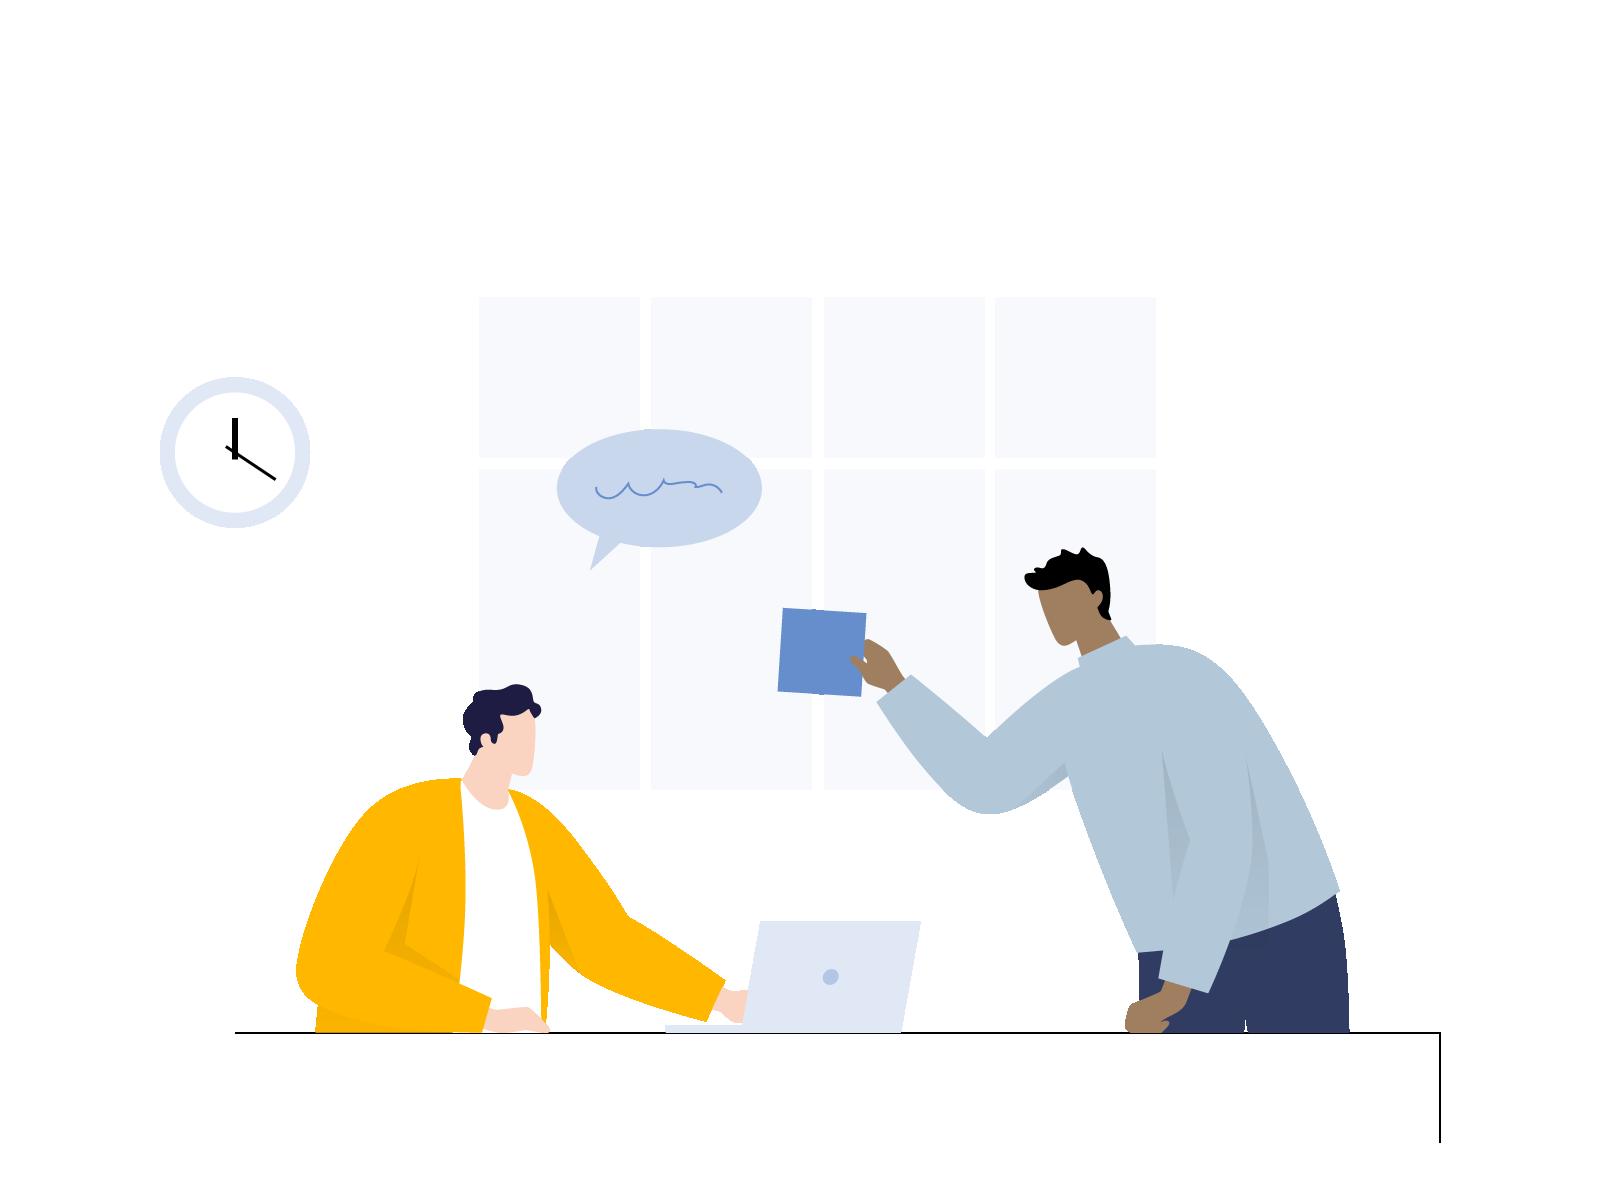 Método de los 5 pasos para captar clientes